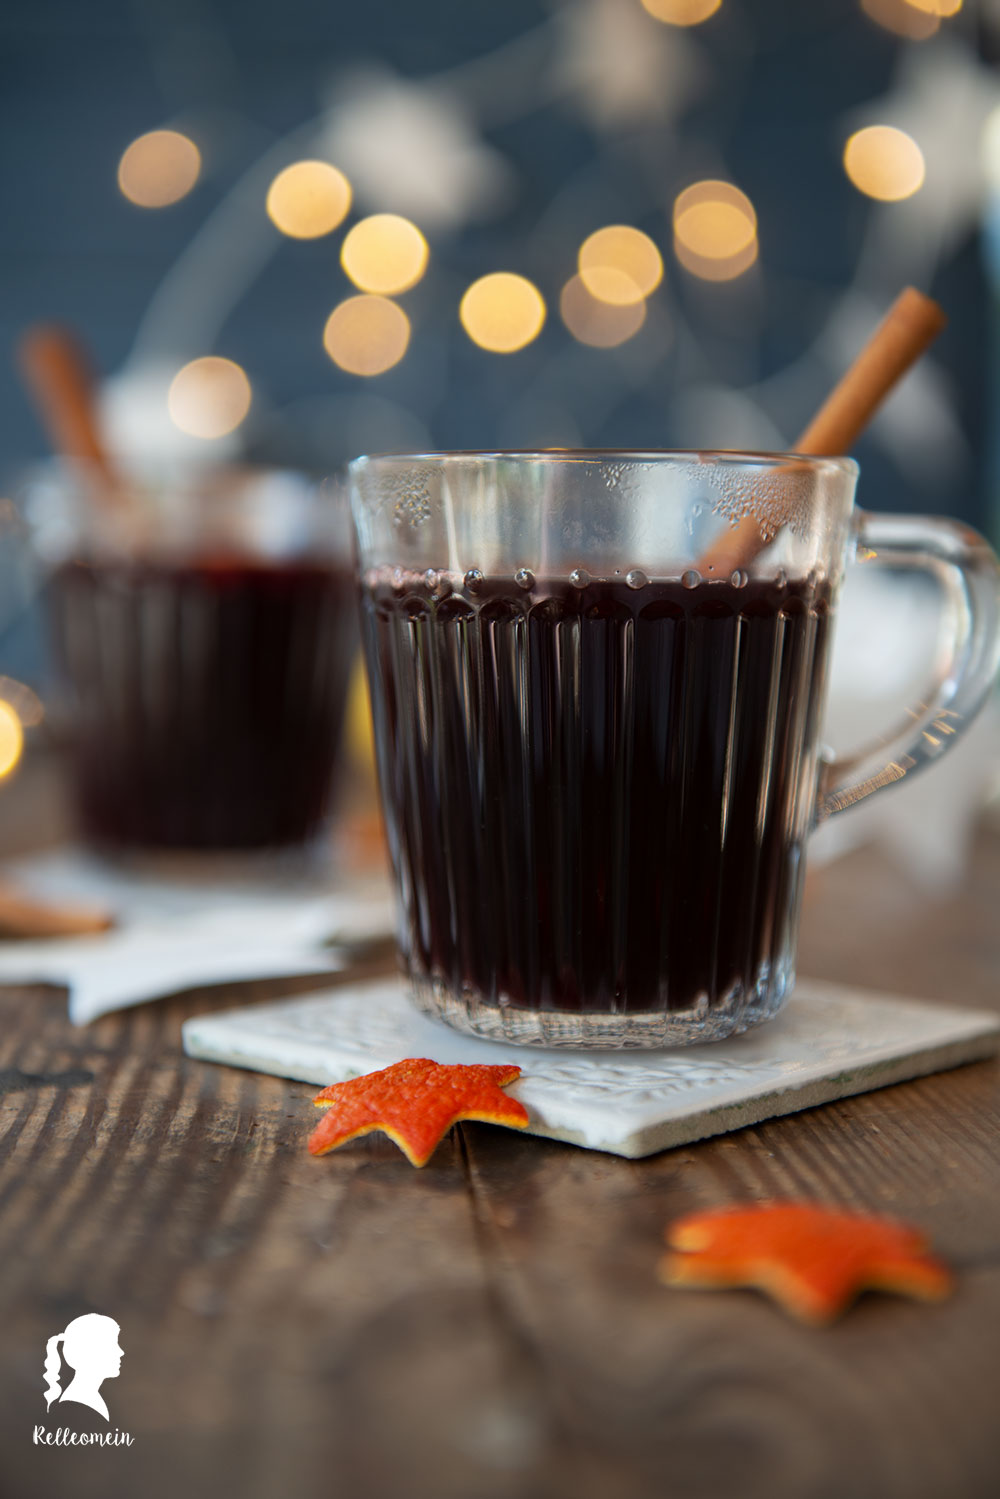 Glühwein mit Schuss oder ohne - Vanille Glühwein selbst gemacht - Rezept für Vinzerglühwein   relleomein.de #glühwein #weihnachten #mulledwine #foodblogger